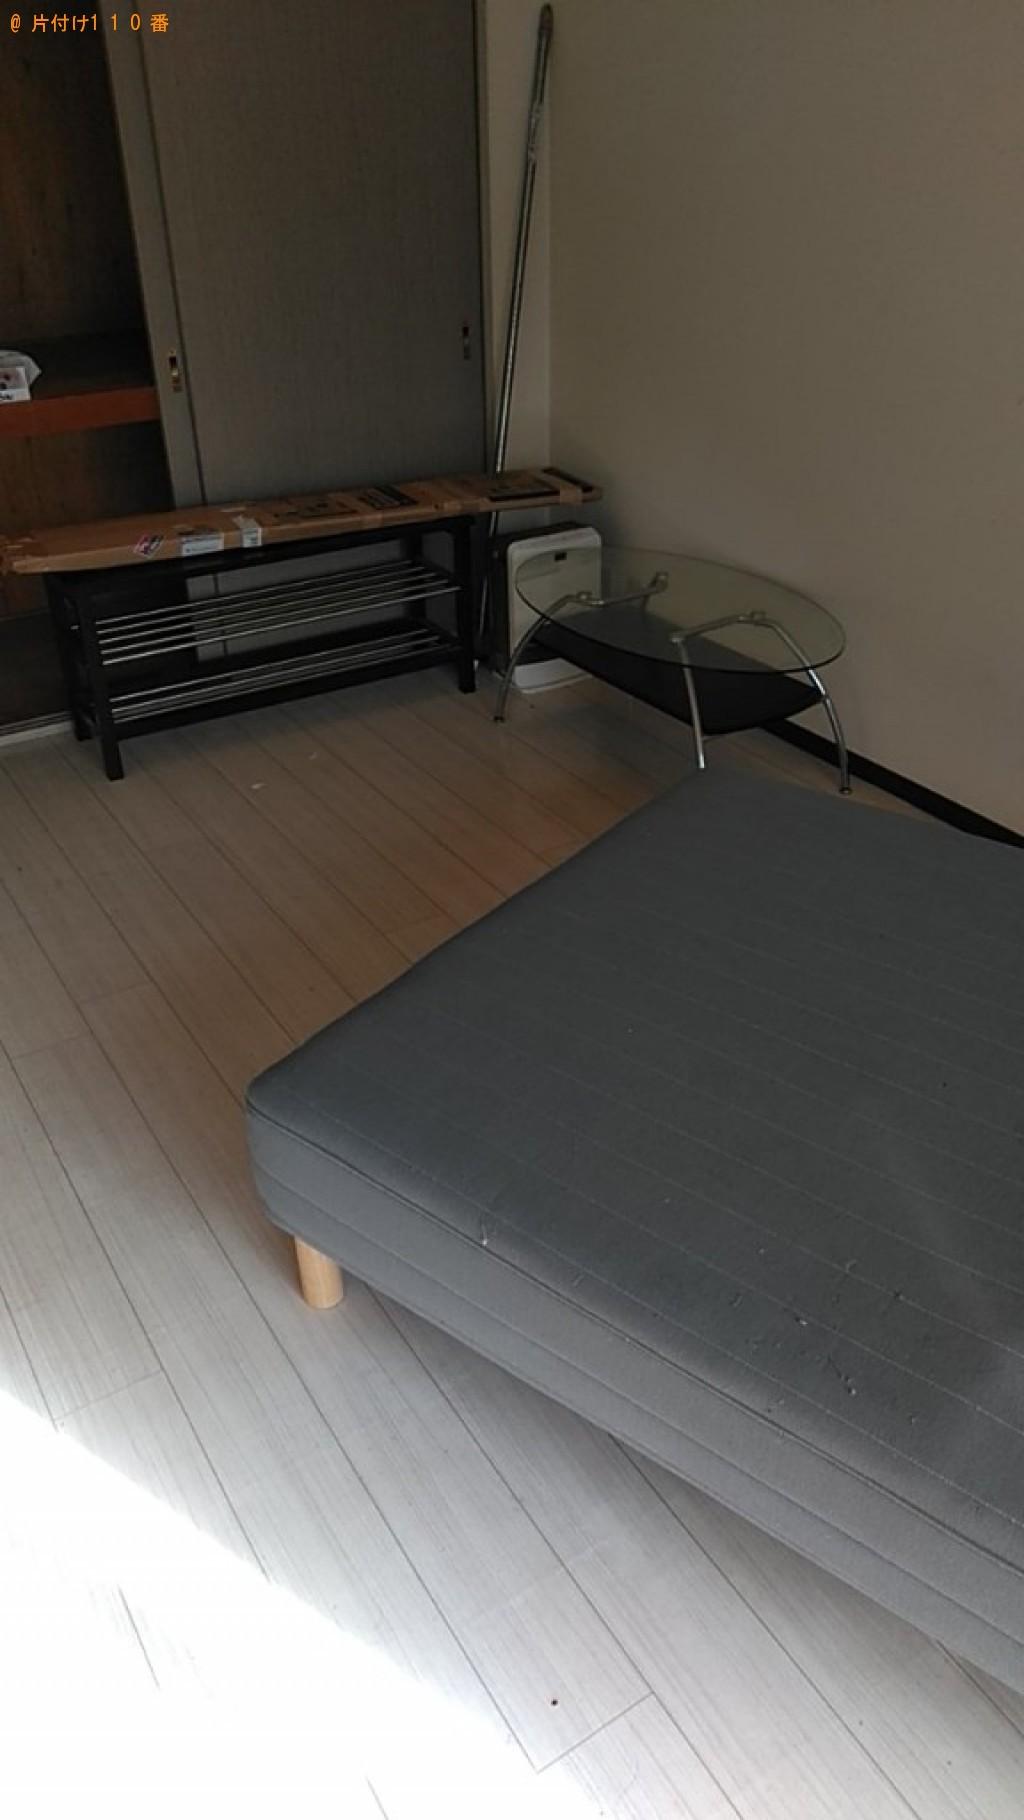 【松山市千舟町】冷蔵庫、洗濯機、ガラステーブル、テレビ台等の回収